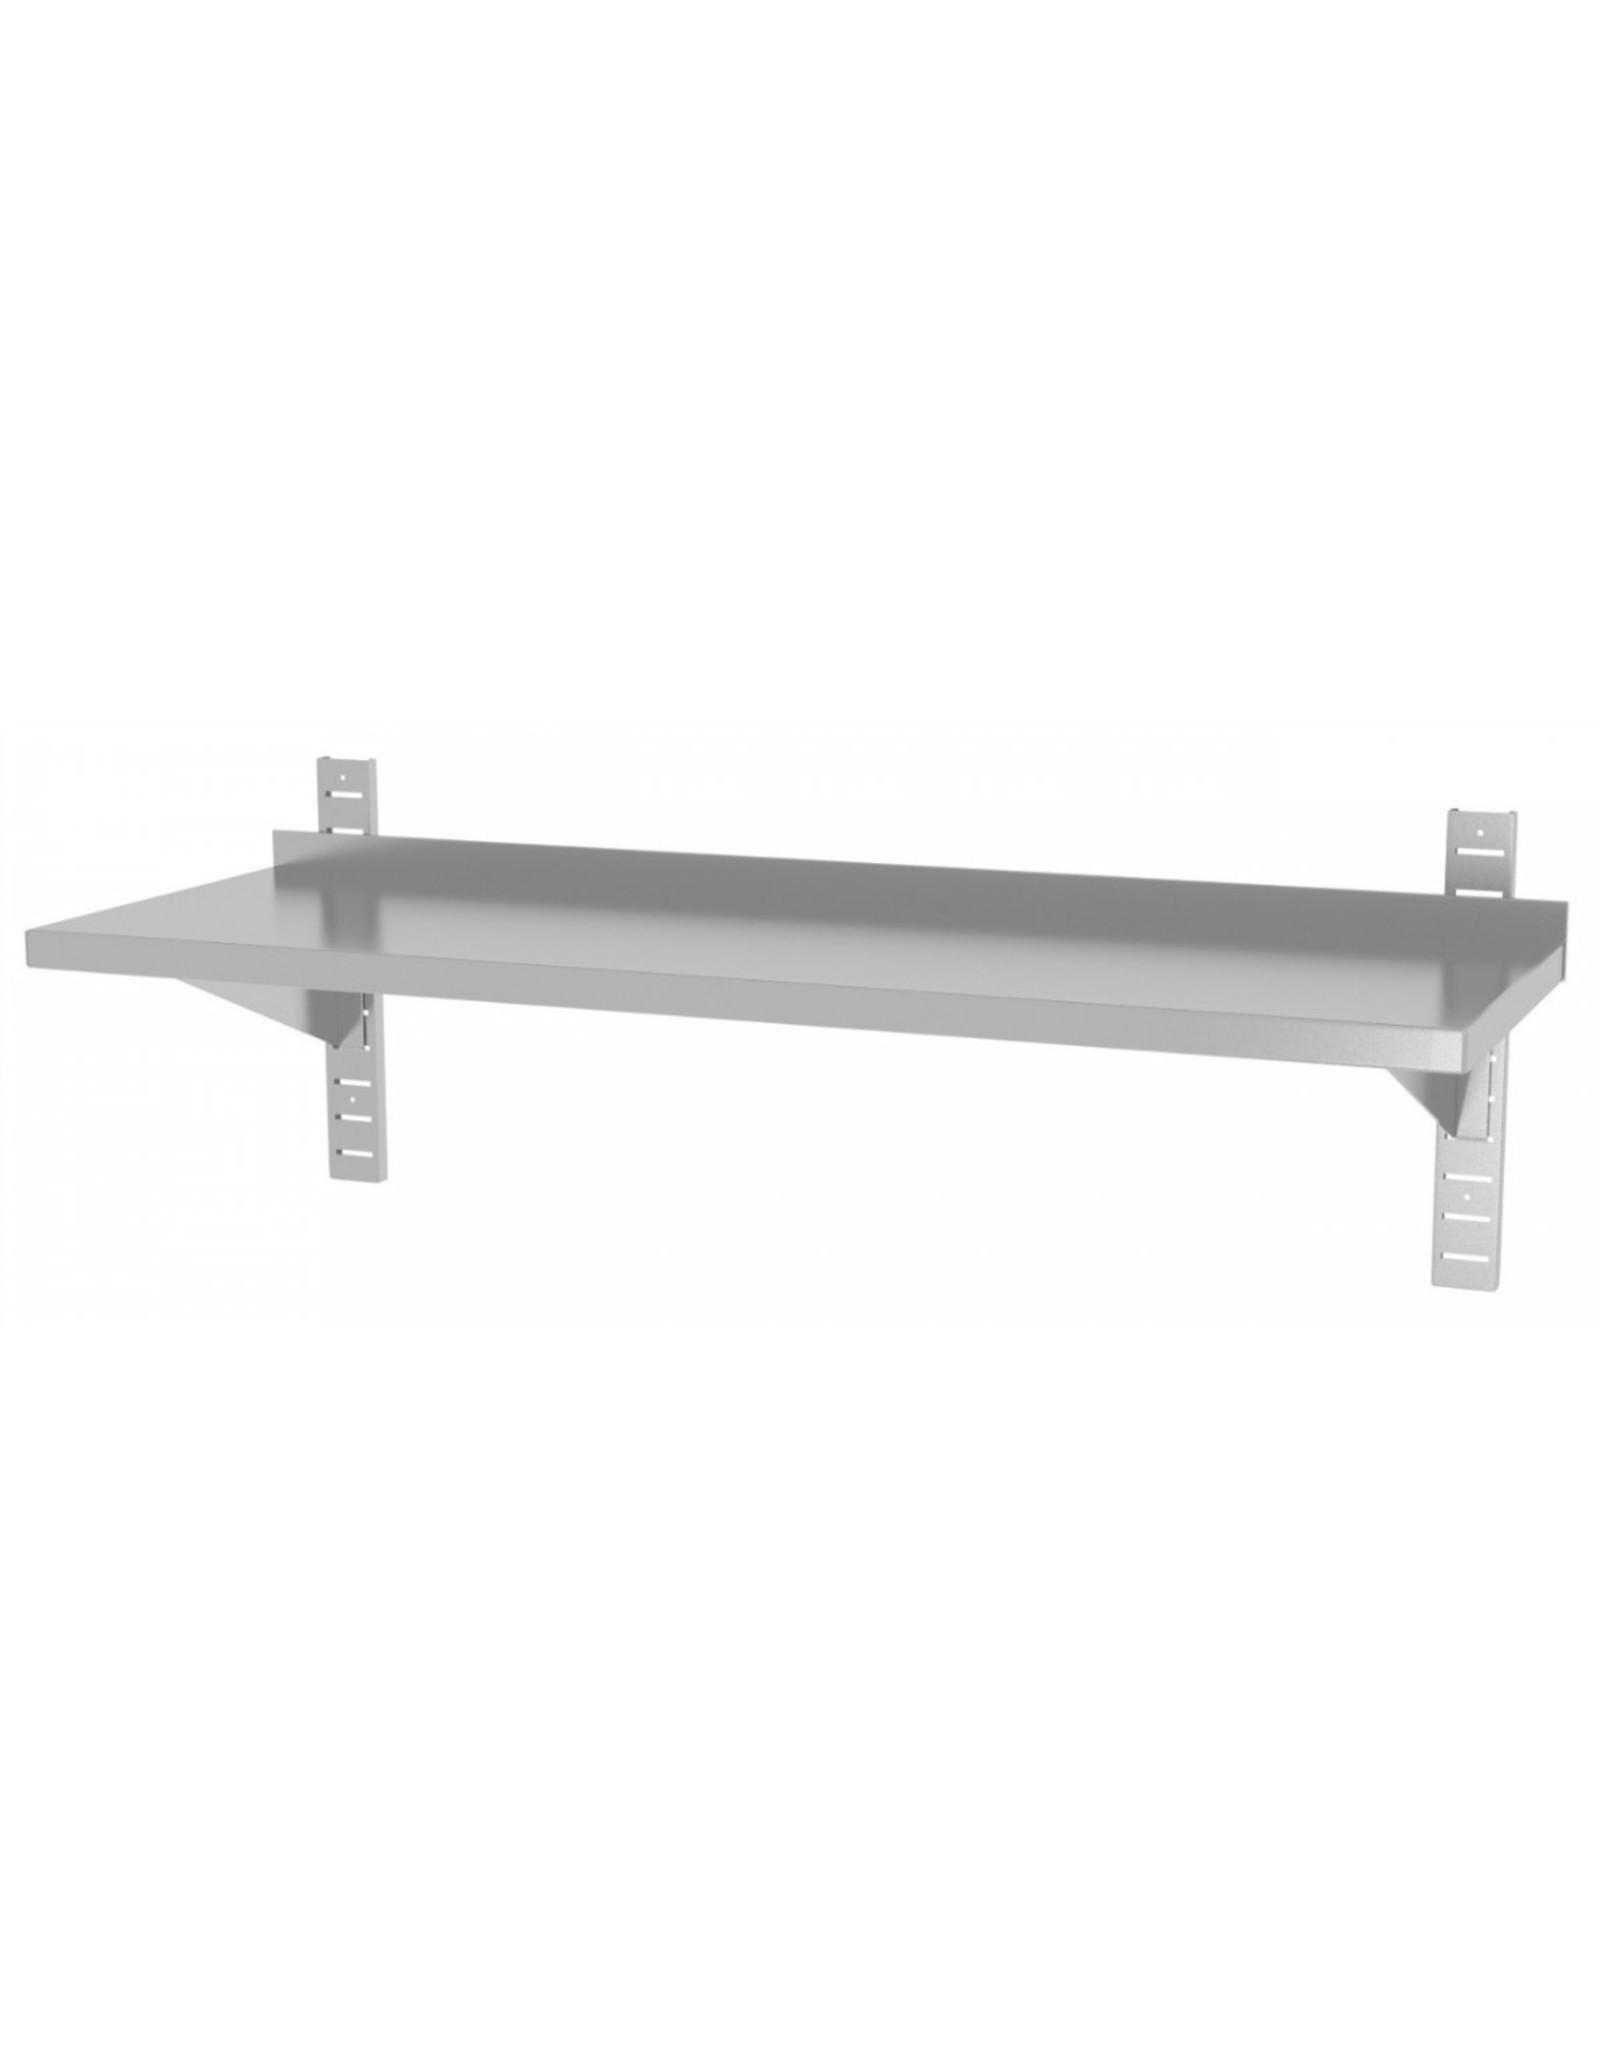 Wandplank   1 plank   met 2 beugels   600-1500mm breed   300 of 400mm diep